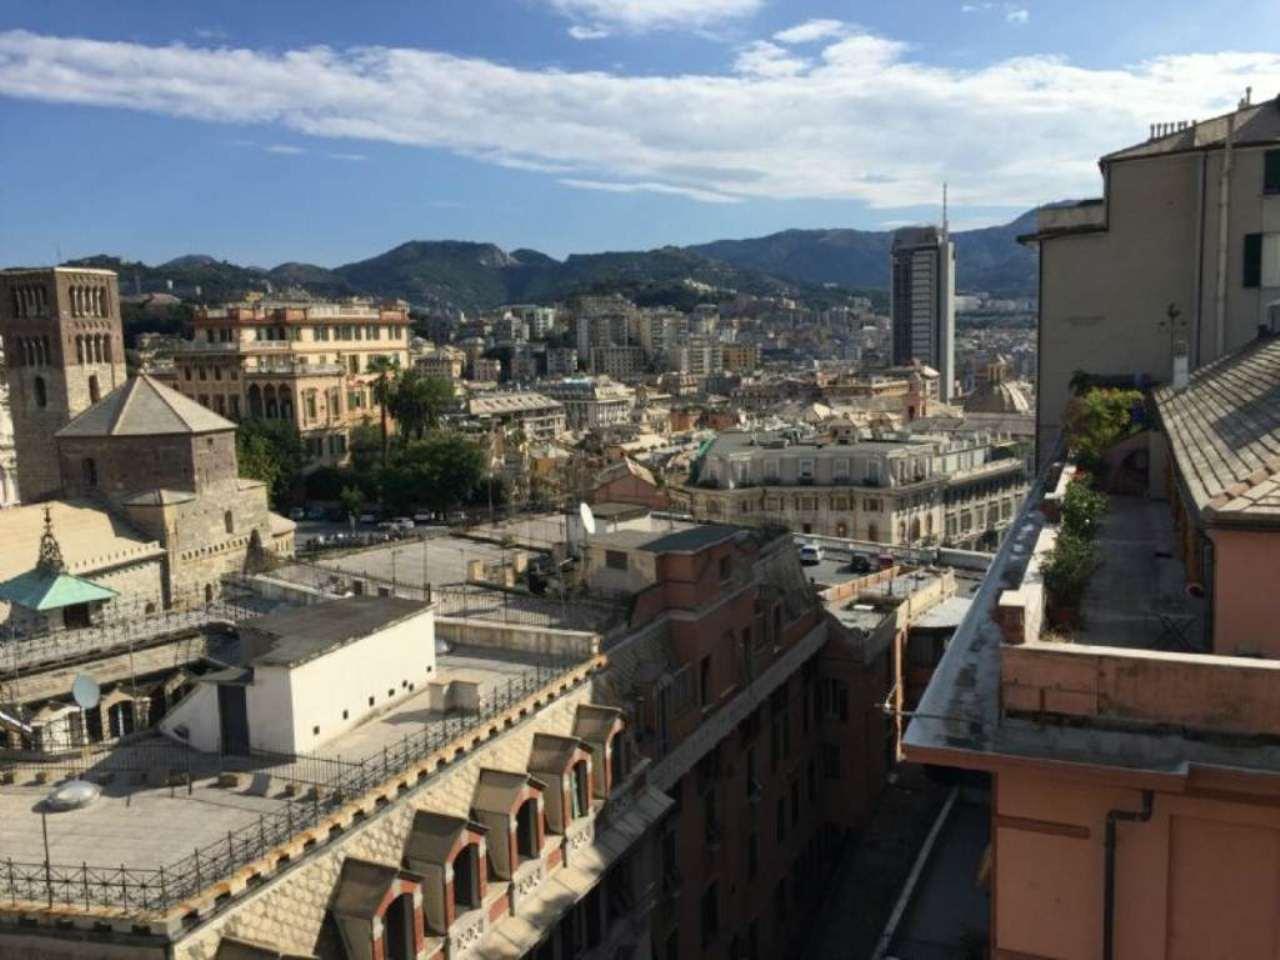 Ufficio / Studio in affitto a Genova, 4 locali, zona Zona: 1 . Centro, Centro Storico, prezzo € 550 | Cambio Casa.it